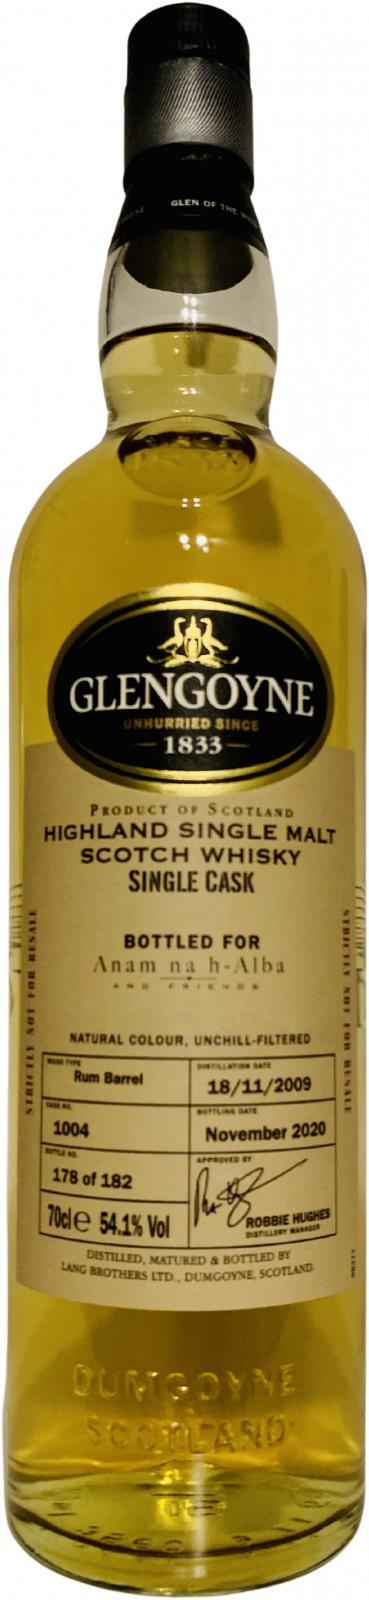 Glengoyne 2009